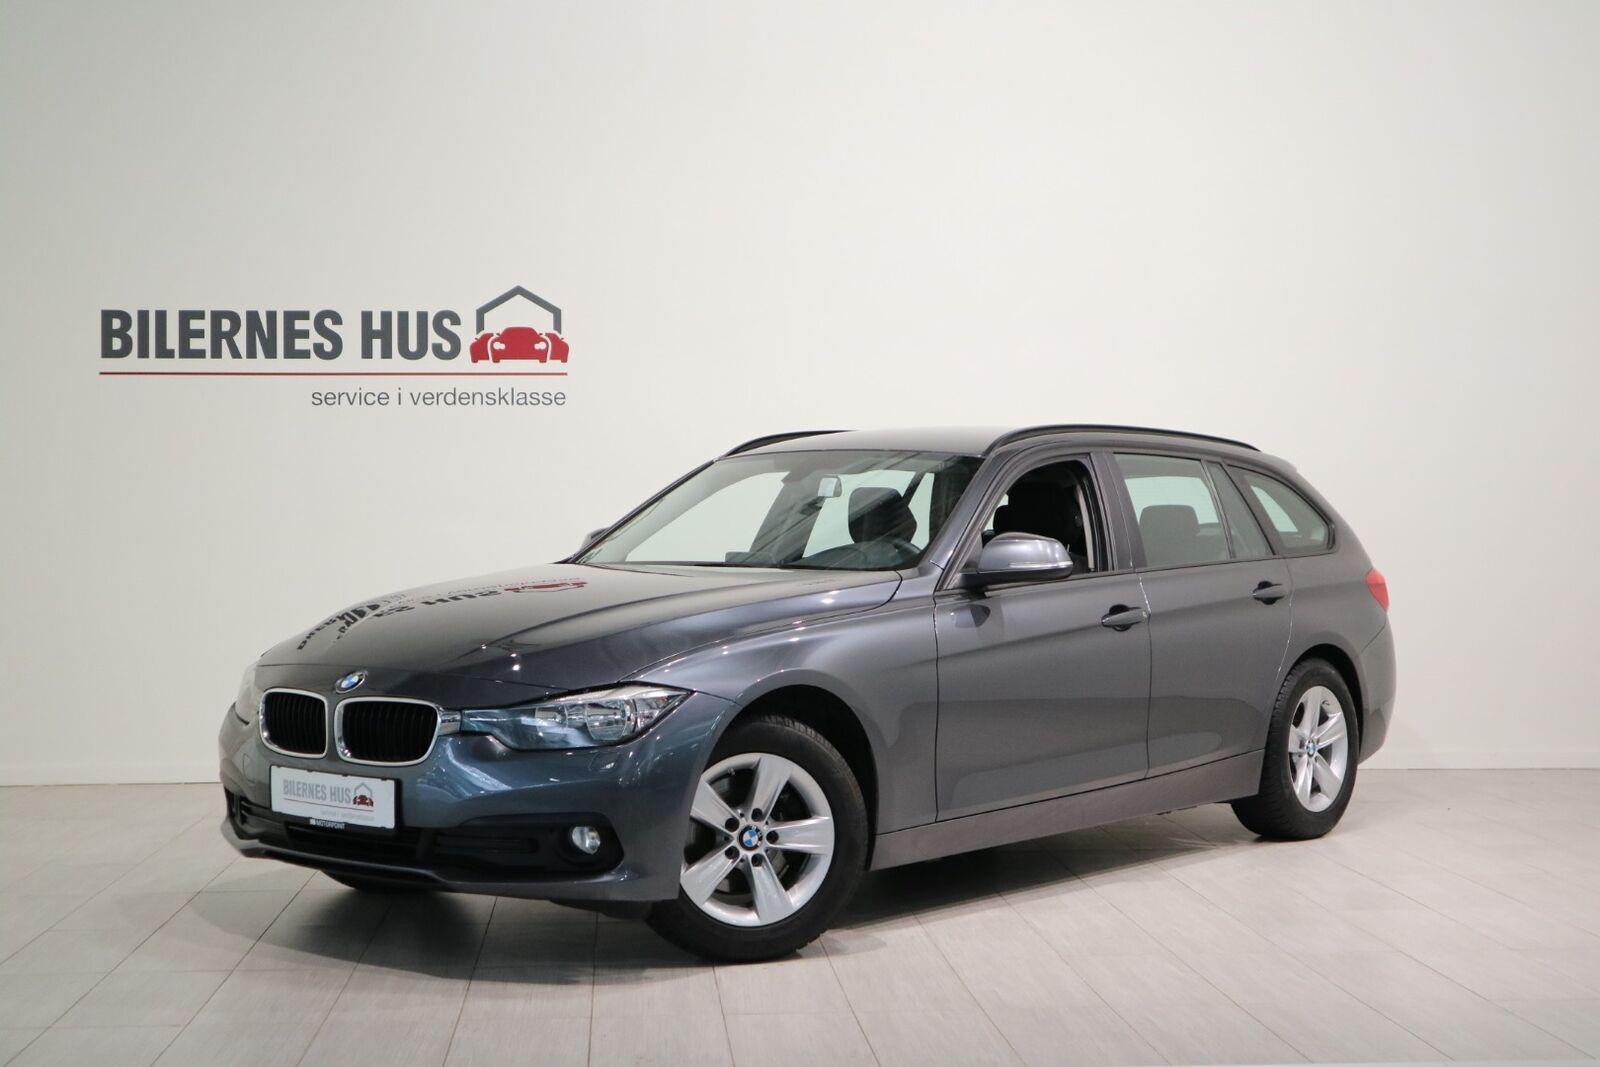 BMW 320d Billede 6